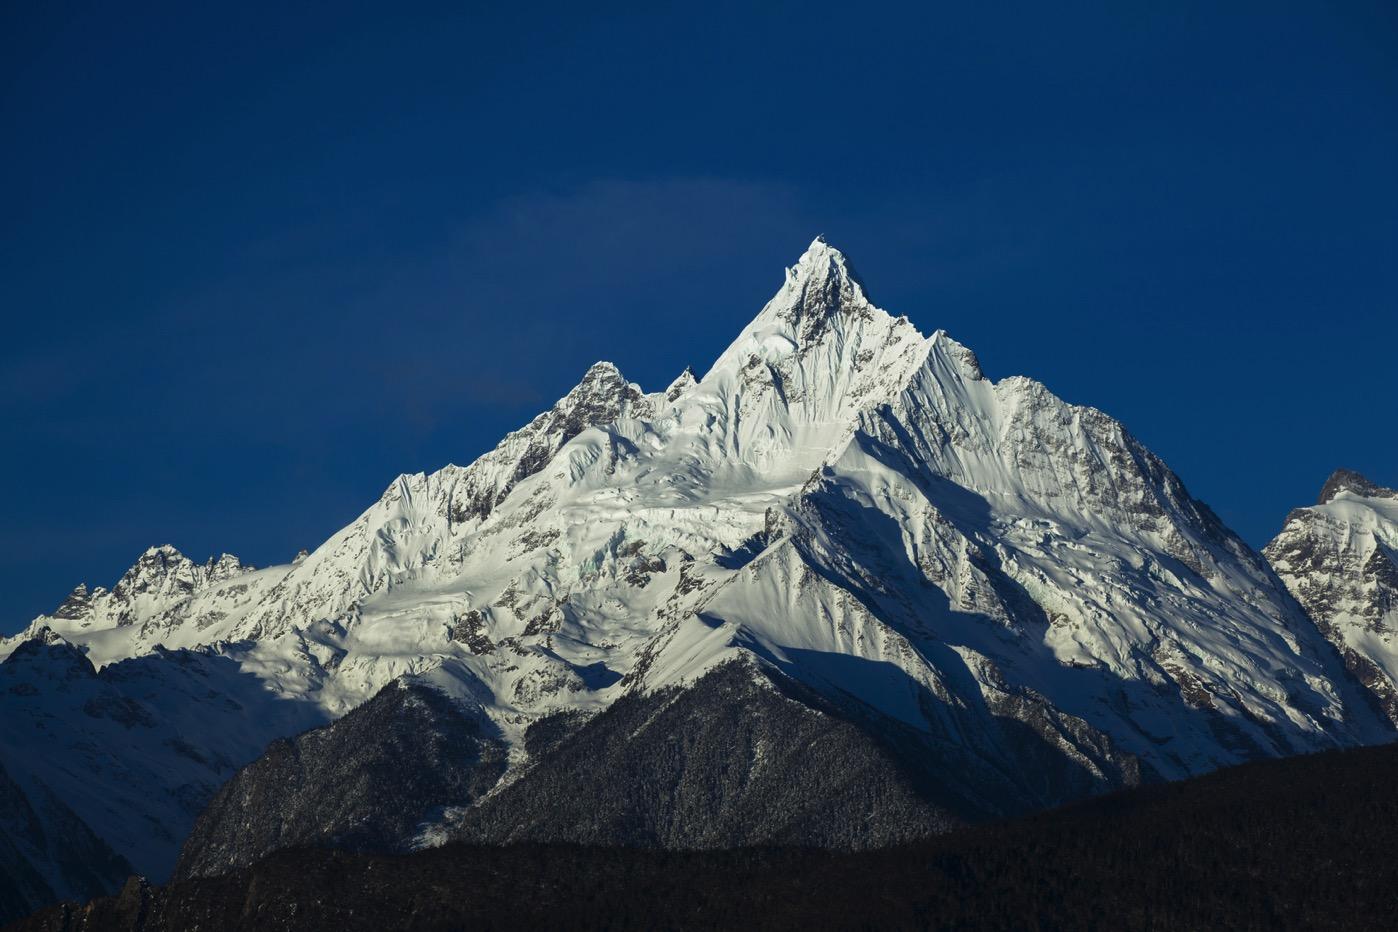 世界最強の山、梅里雪山, メイリーシュエシャン